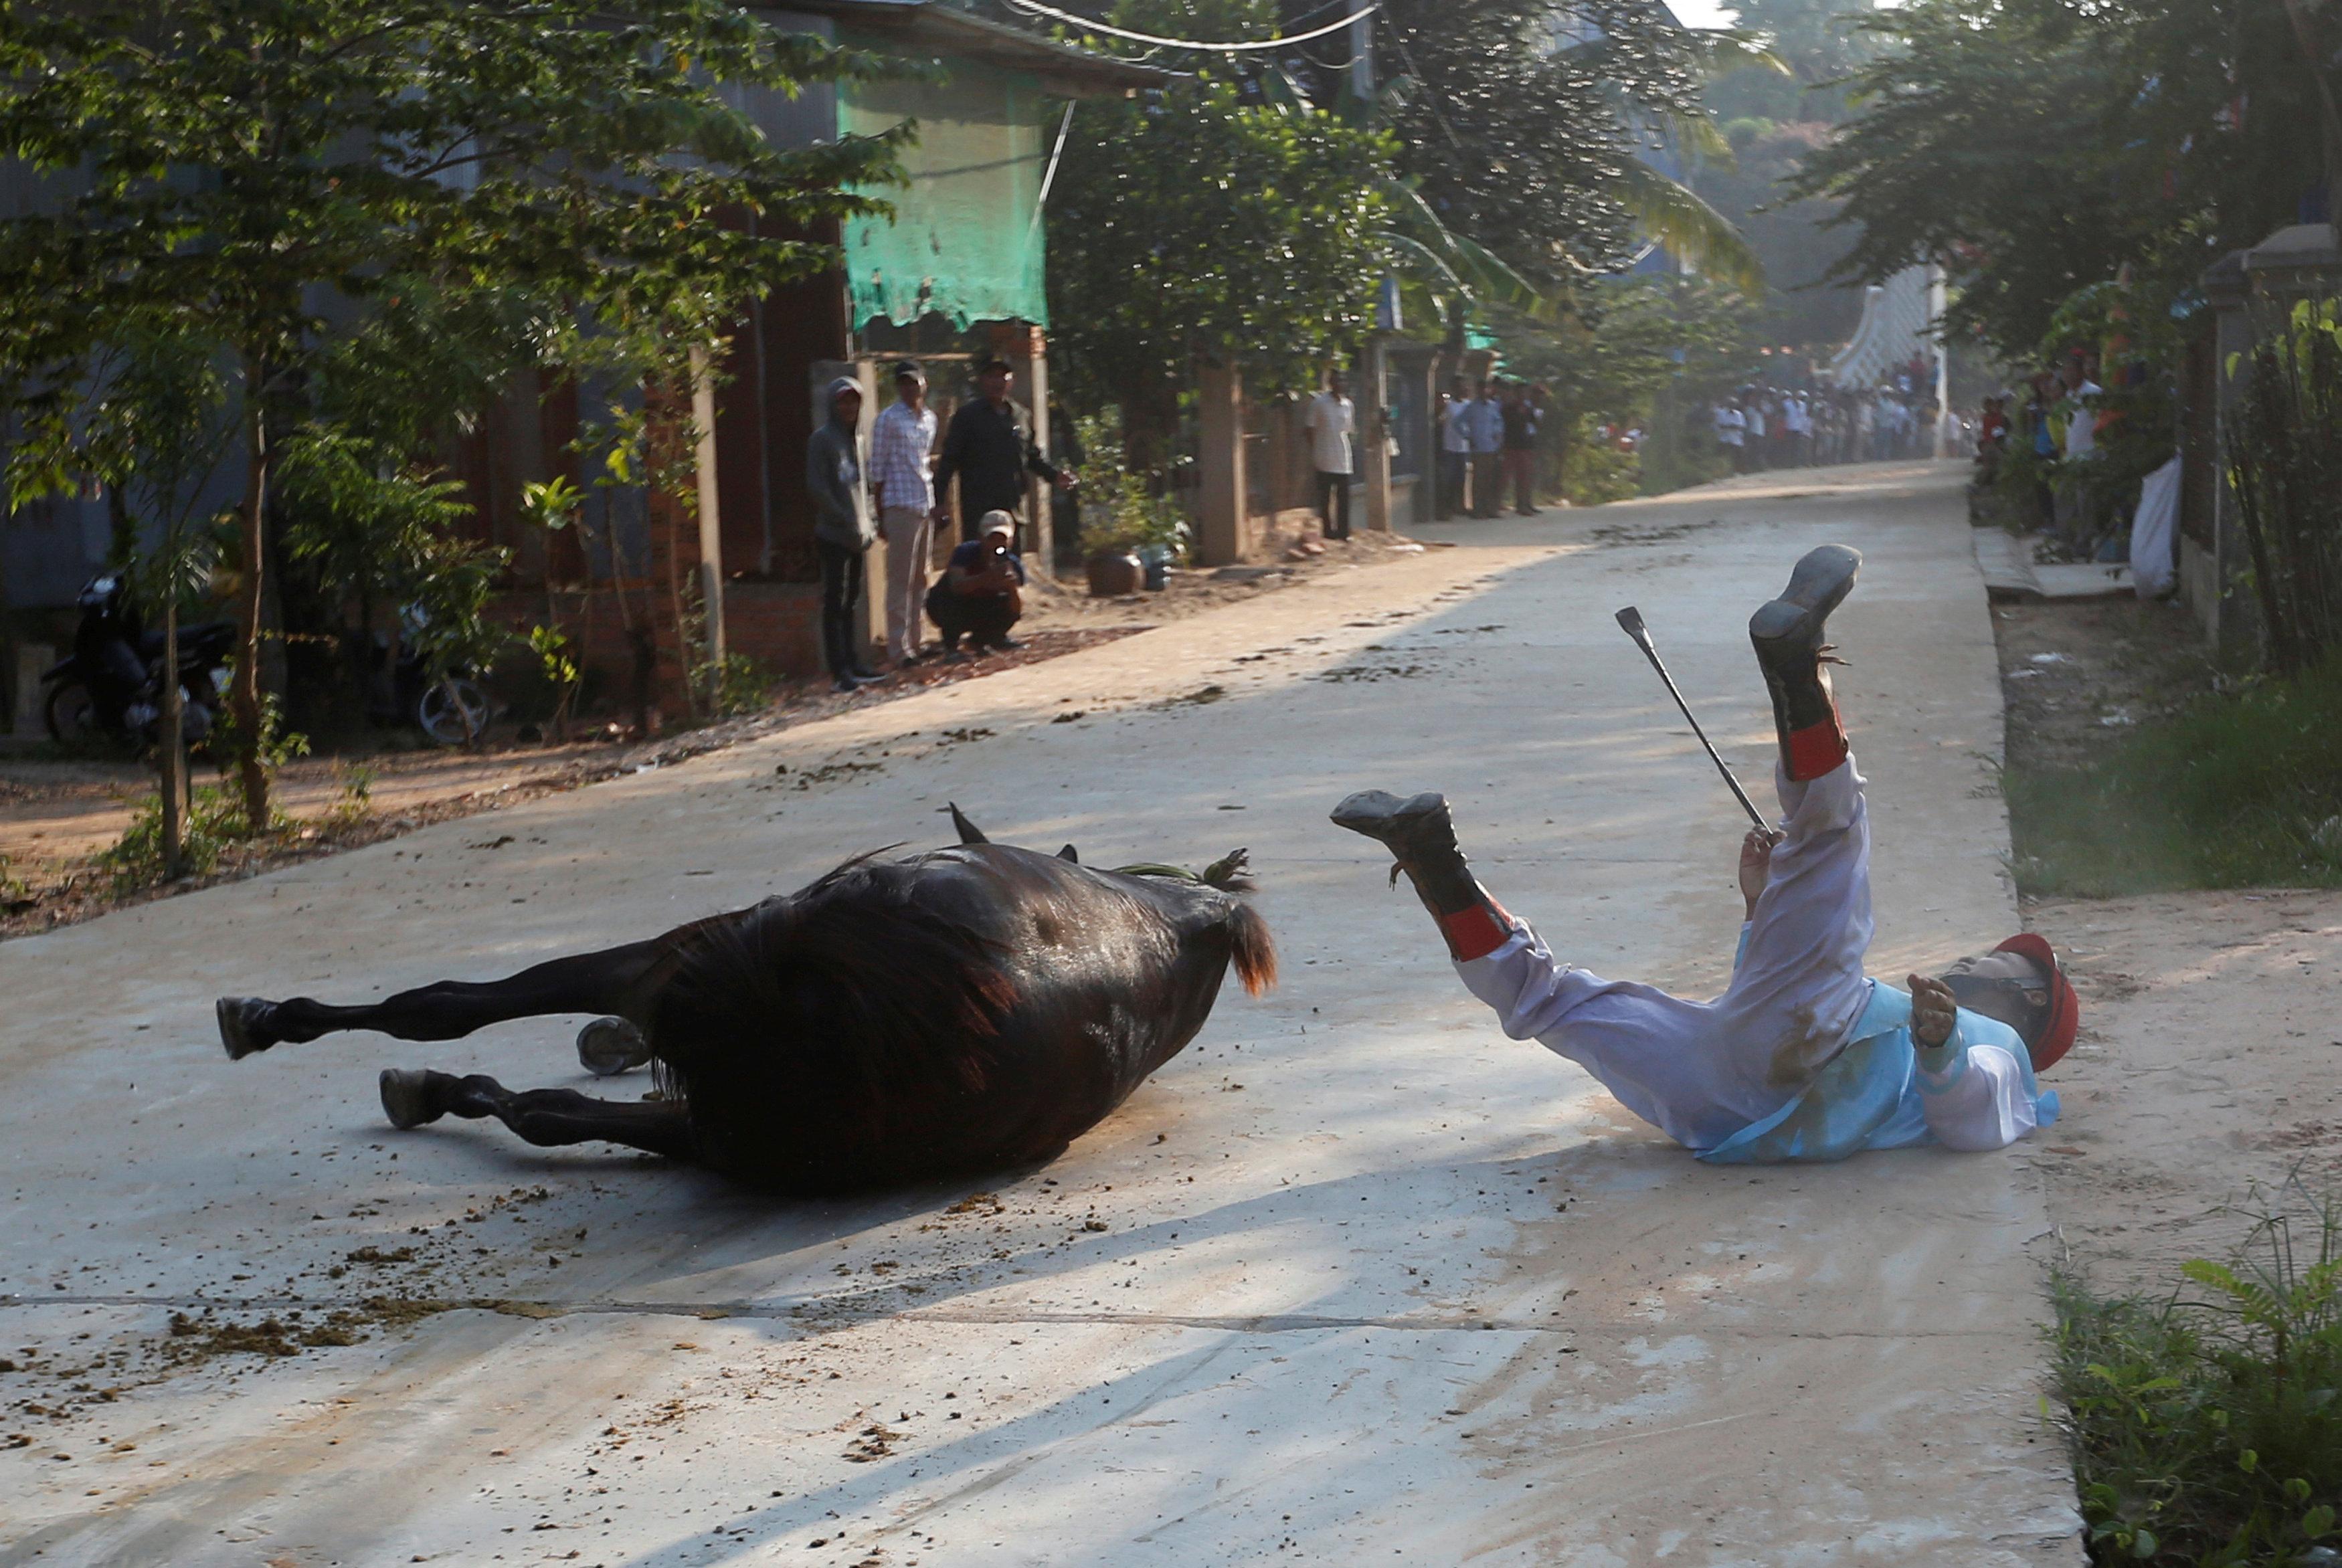 مواطن يسقط من ظهر أحد الحيوانات أثناء الاحتفال